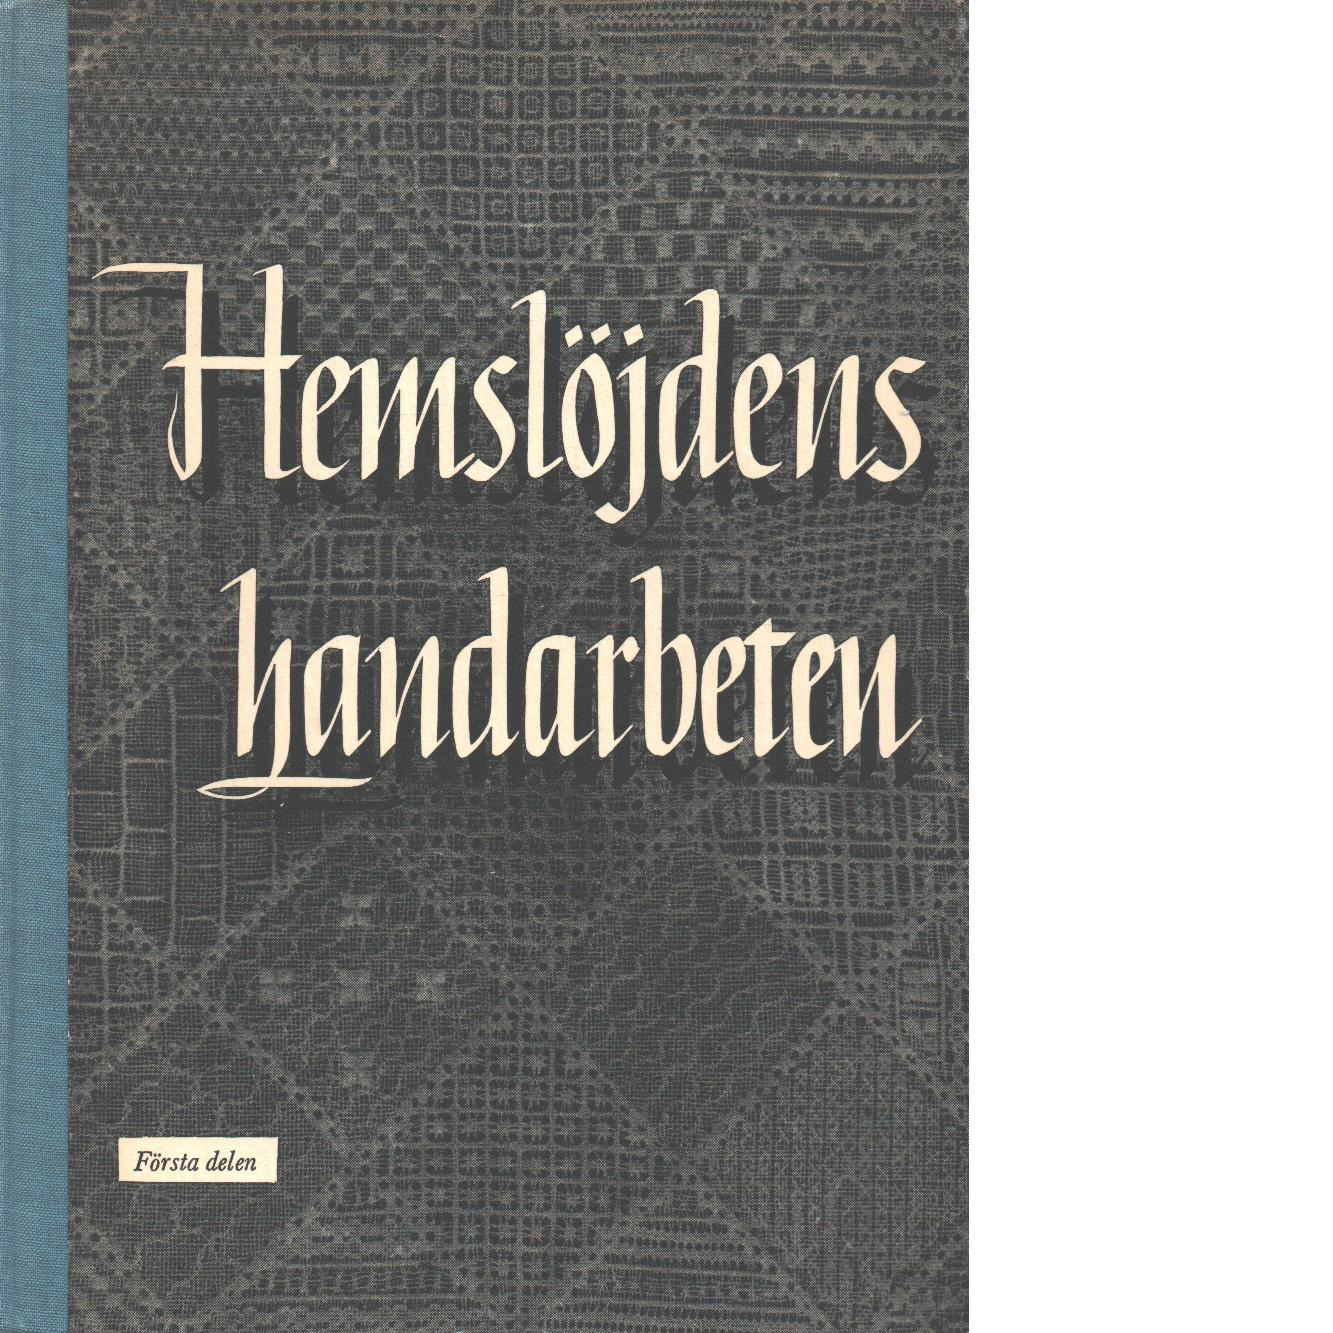 Hemslöjdens handarbeten. D. 1 - Lundbäck, Maja och Ingers, Gertrud samt Hörlén, Mattis